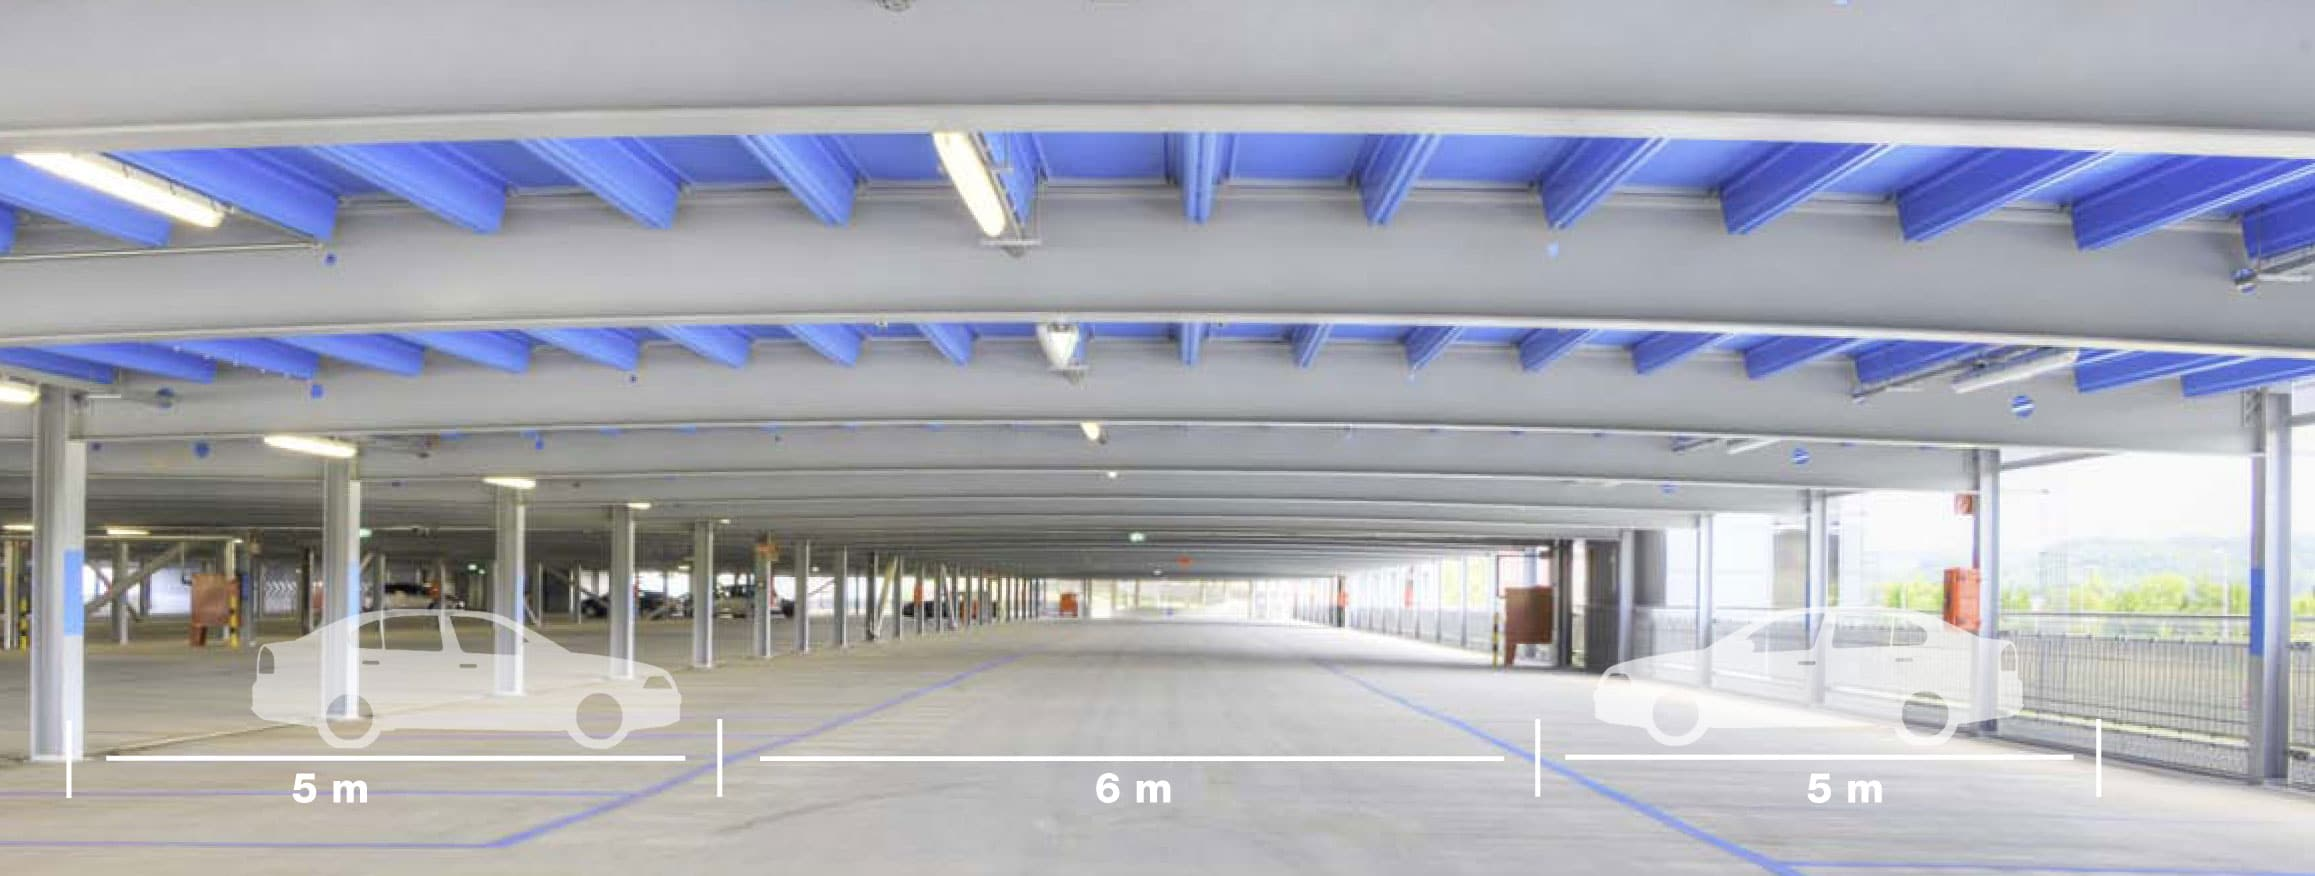 Evo-Park - La technologie ASTRON avec des longues portées de 16 mètres permet de répondre à des contraintes techniques complexes.